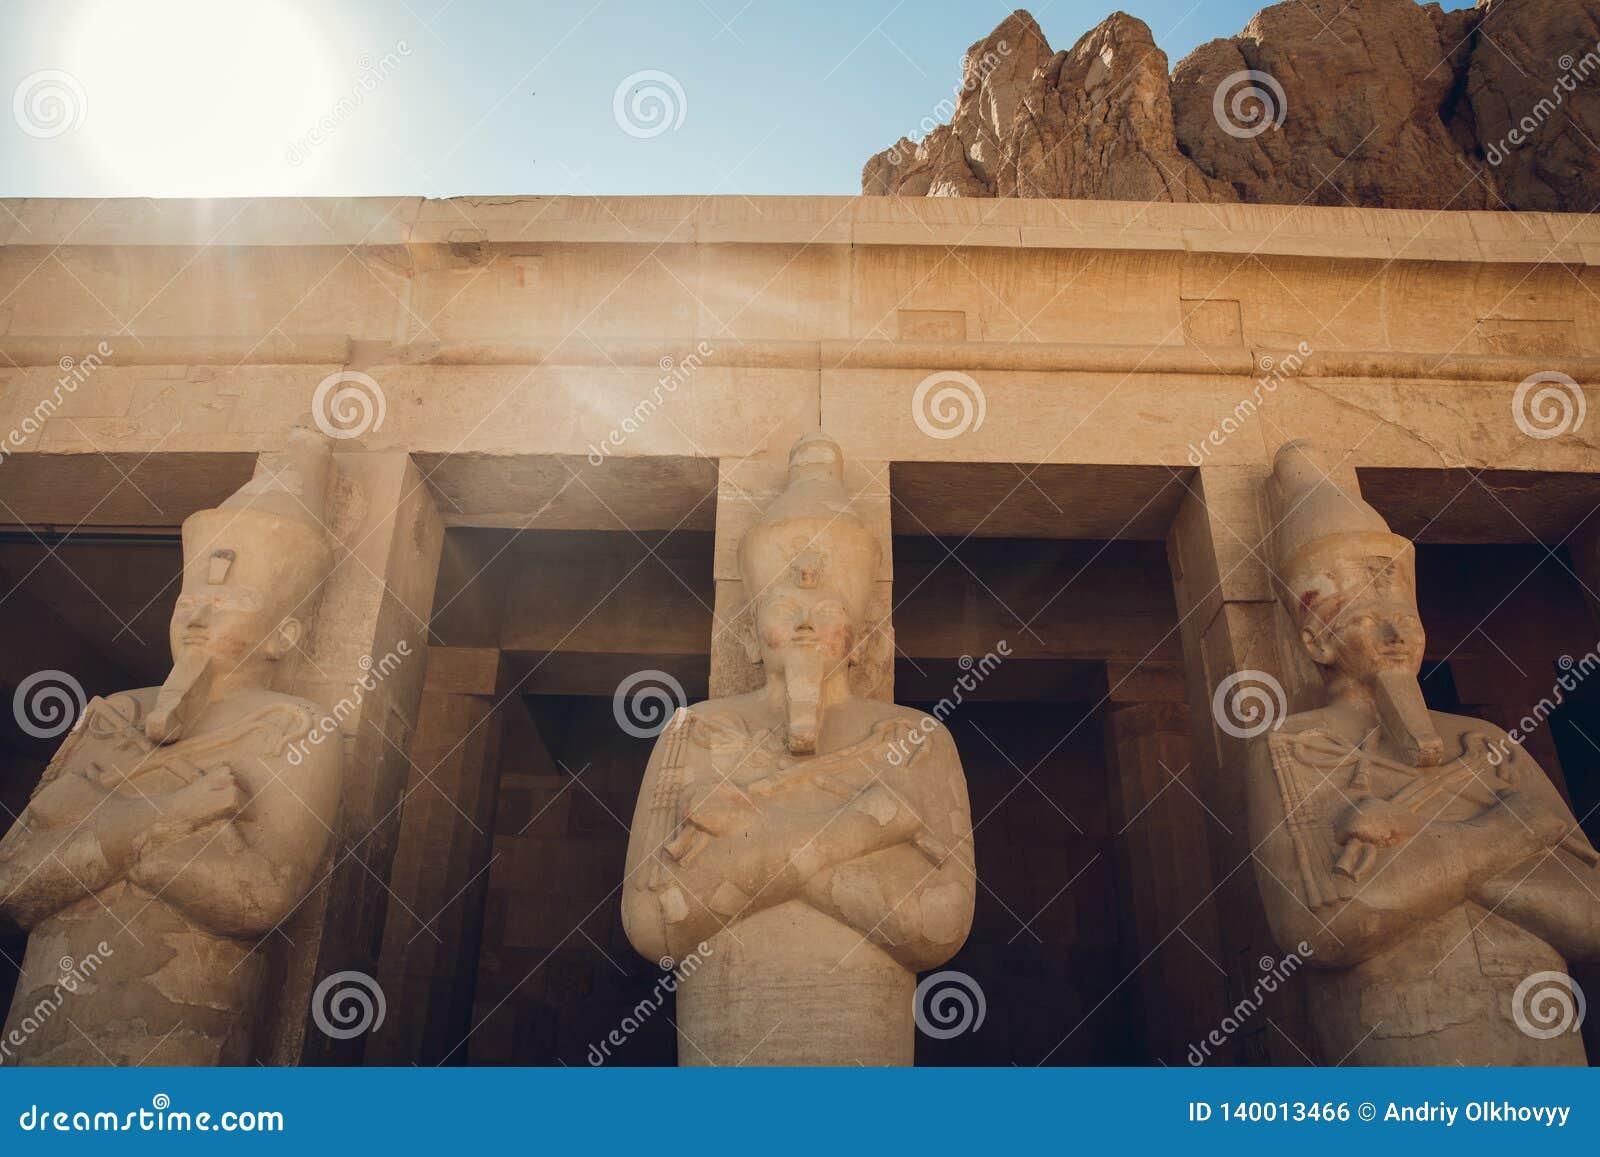 Estátua do grande faraó egípcio em Templo de Luxor, Egito